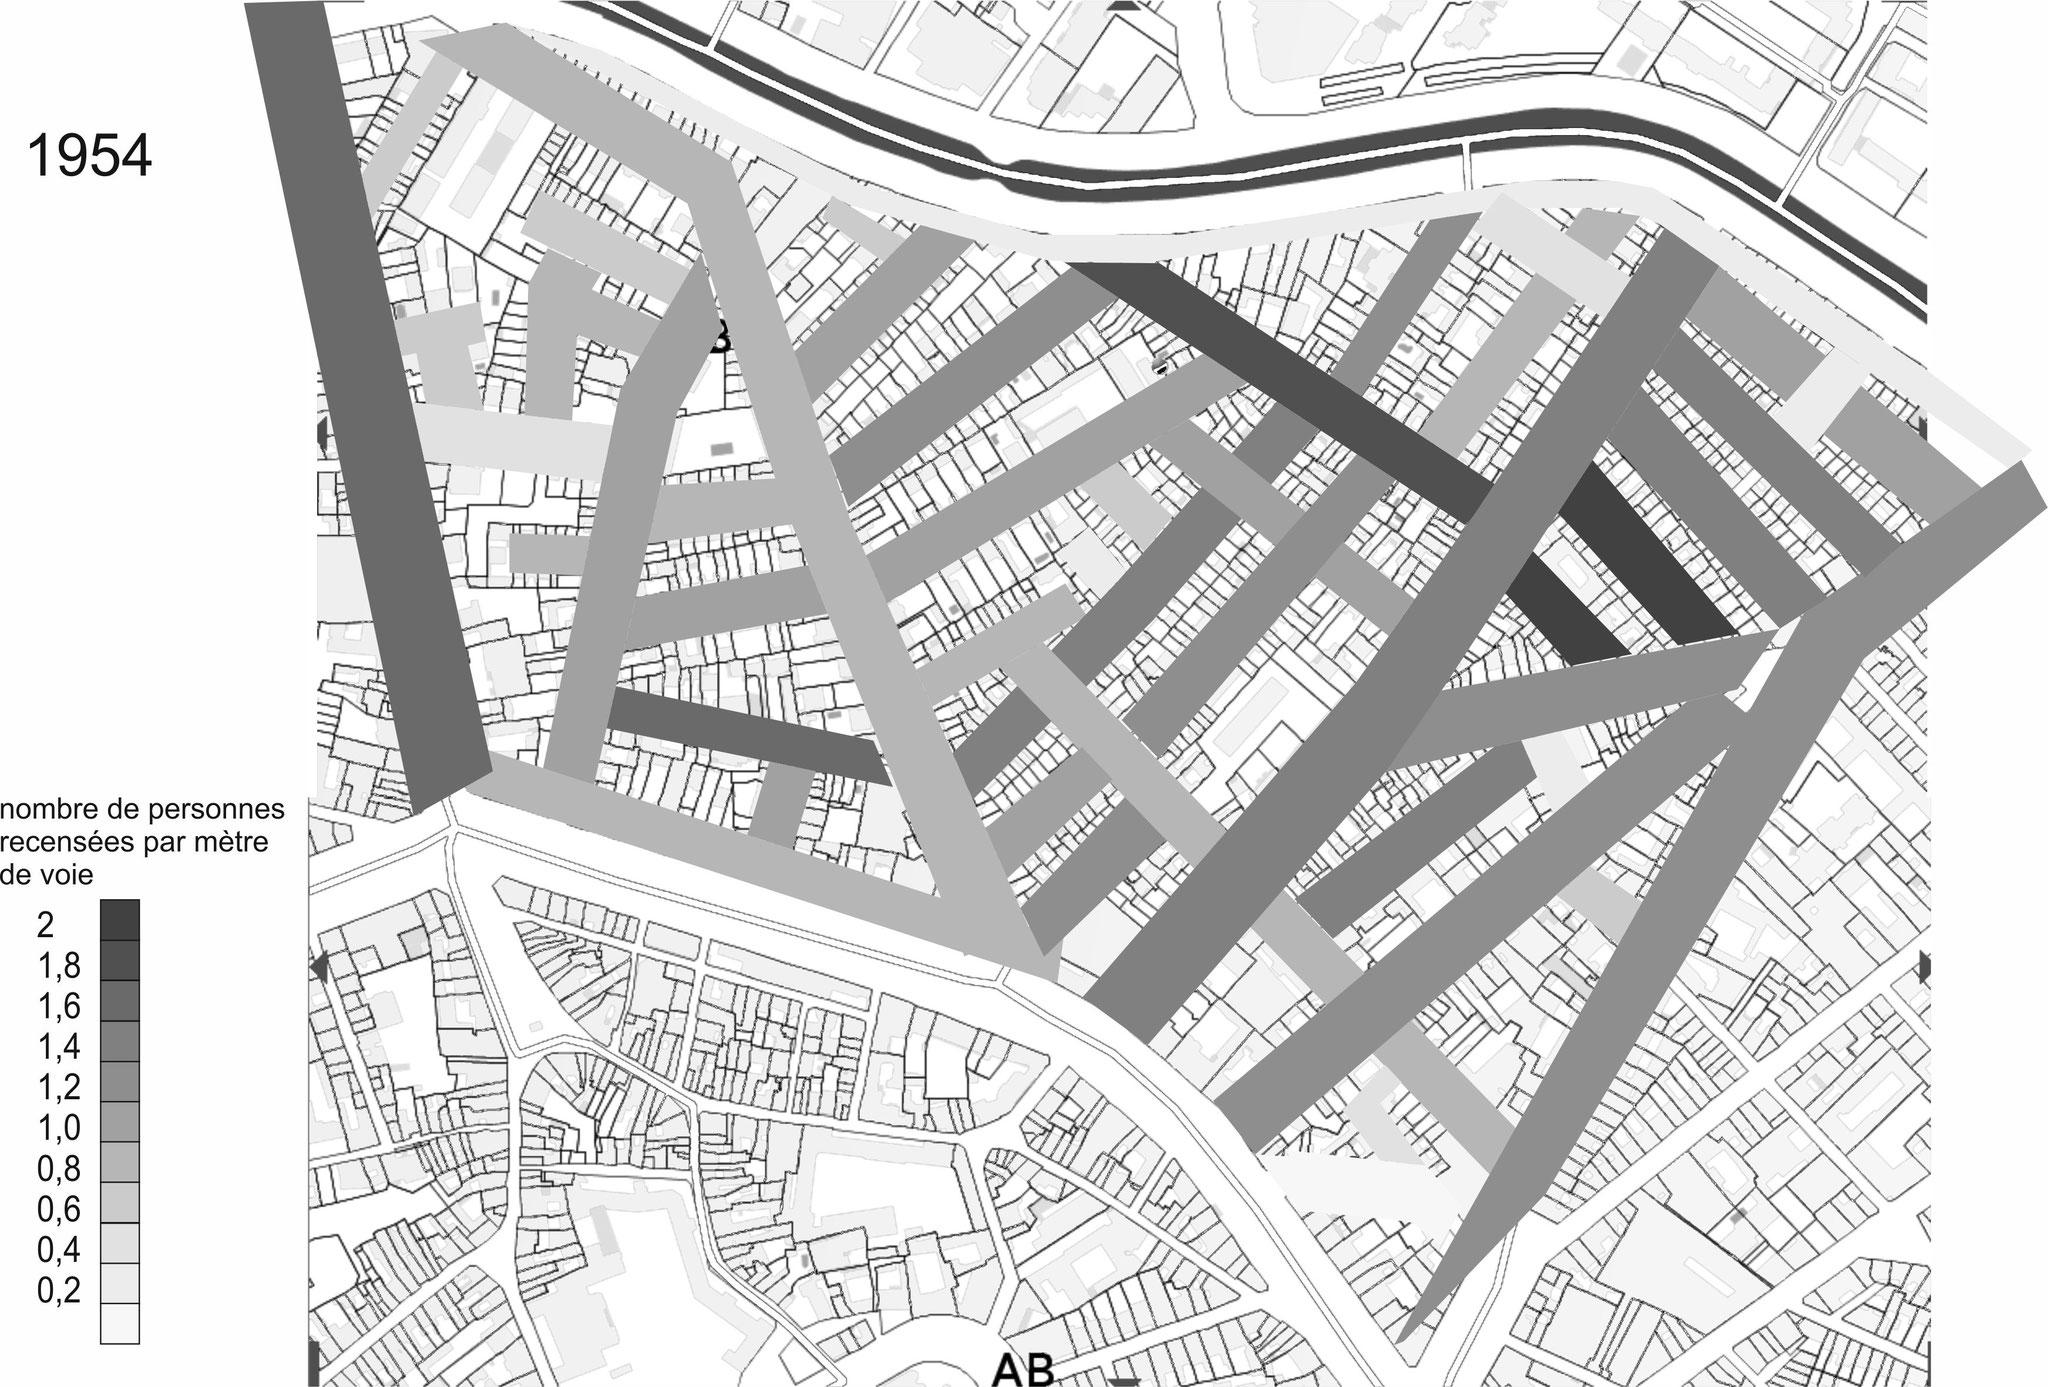 En 1951, le quartier a pratiquement sa physionomie actuelle en dehors du bord du Canal qui accueillera, dans de grands immeubles au début des années 60, les rapatriés d'Afrique du nord.